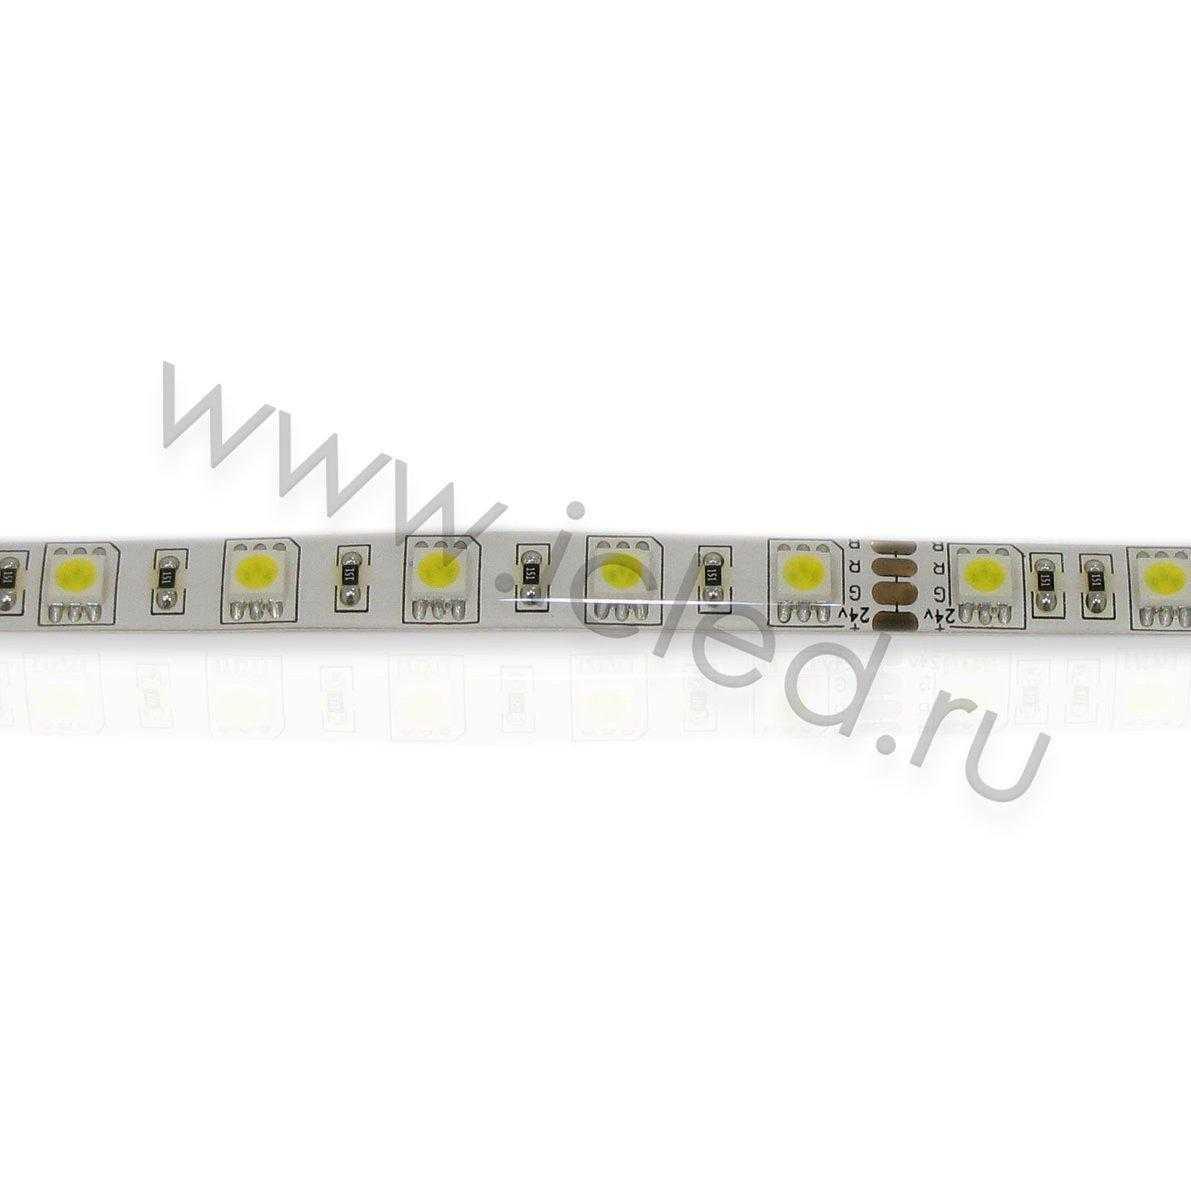 Светодиодная лента Class B, 5050, 60led/m, Warm White, 24V, IP65